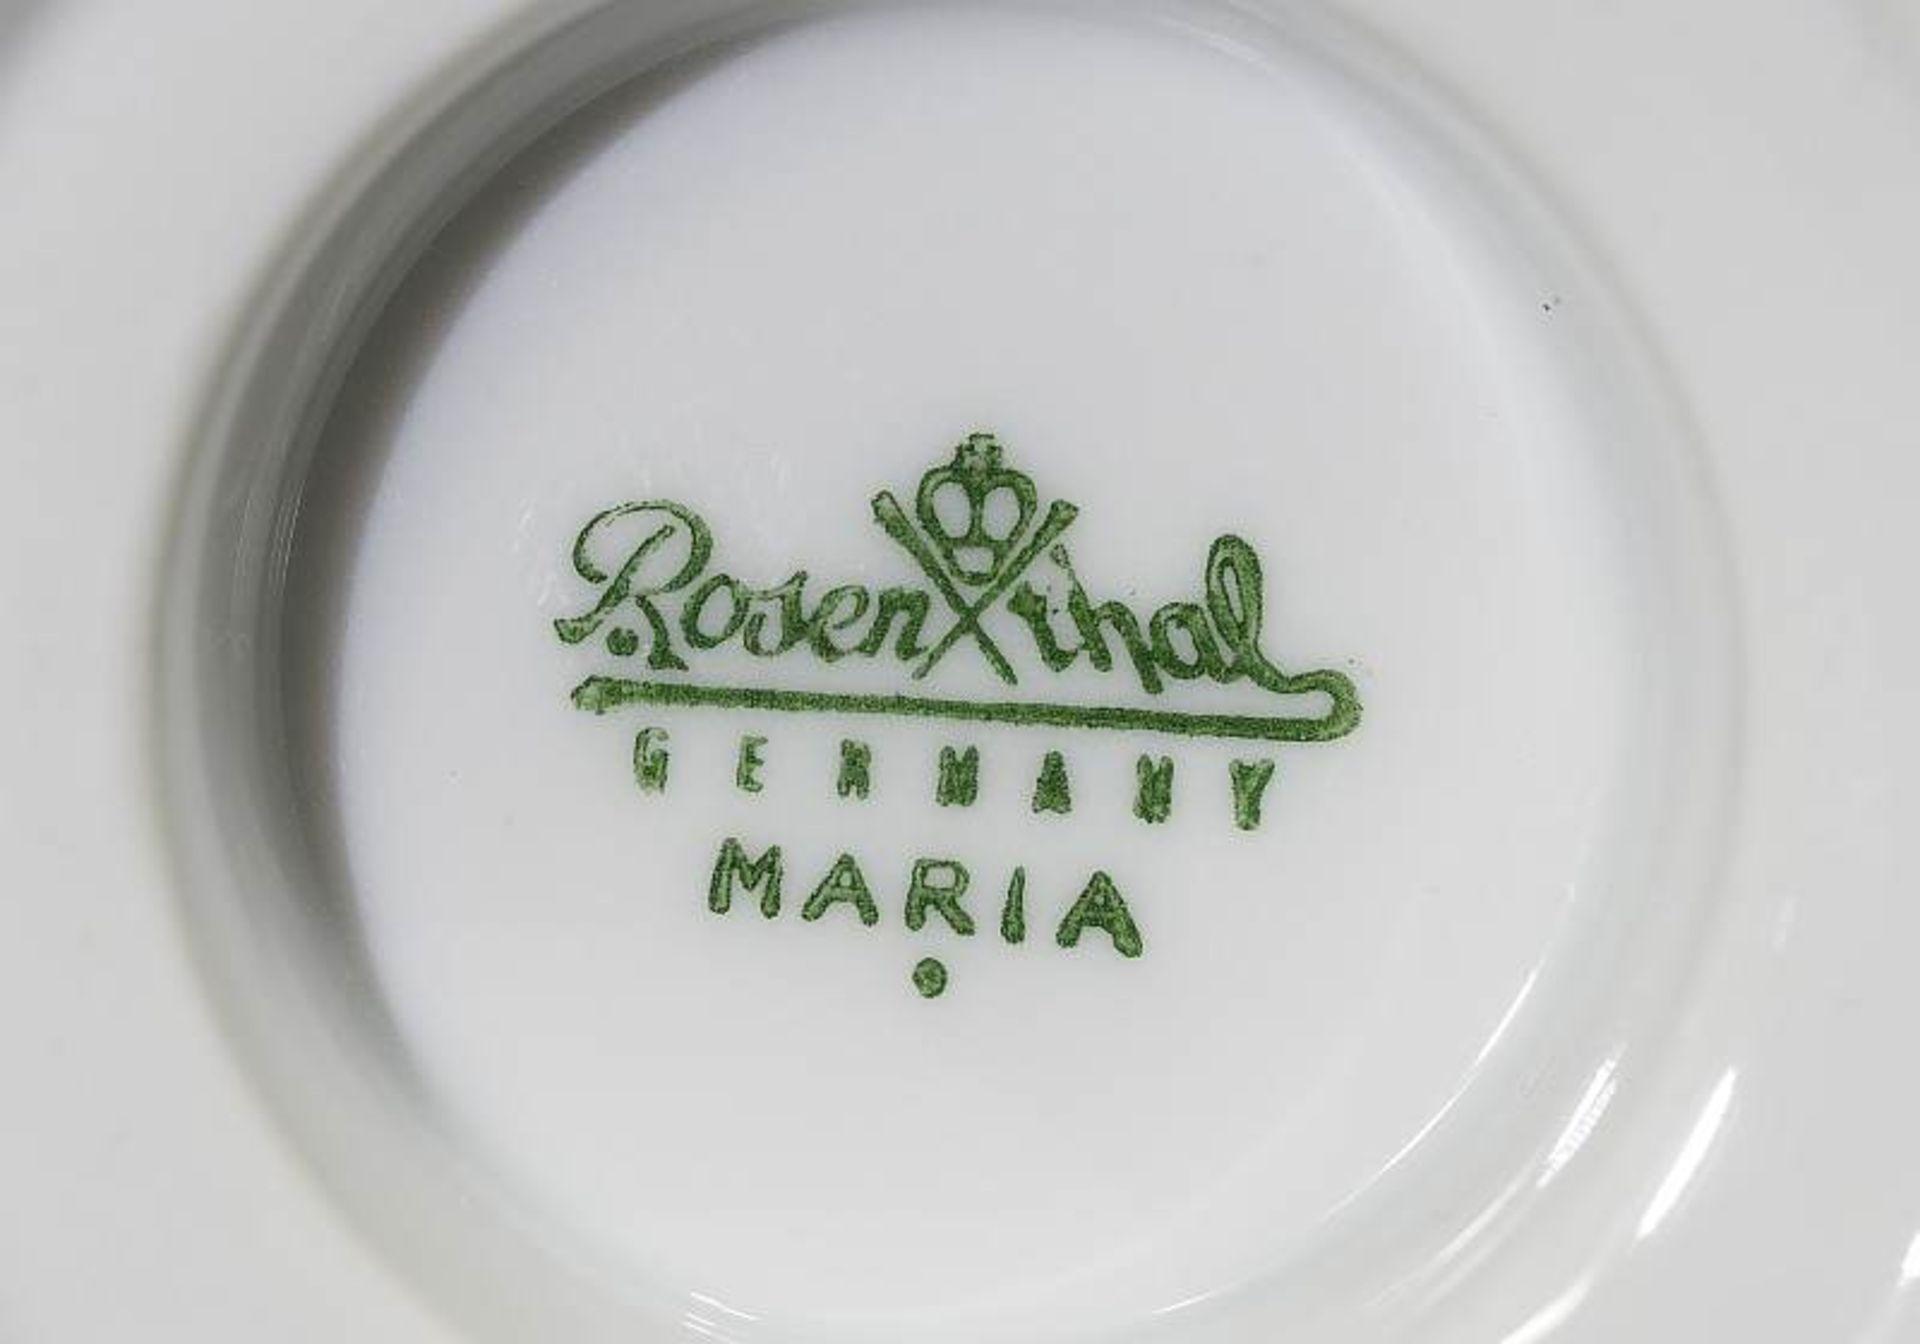 """Restservice ROSENTHAL, Dekor """"Maria Weiss"""". Restservice ROSENTHAL, Dekor """"Maria Weiss"""". Insgesamt 16 - Bild 7 aus 7"""